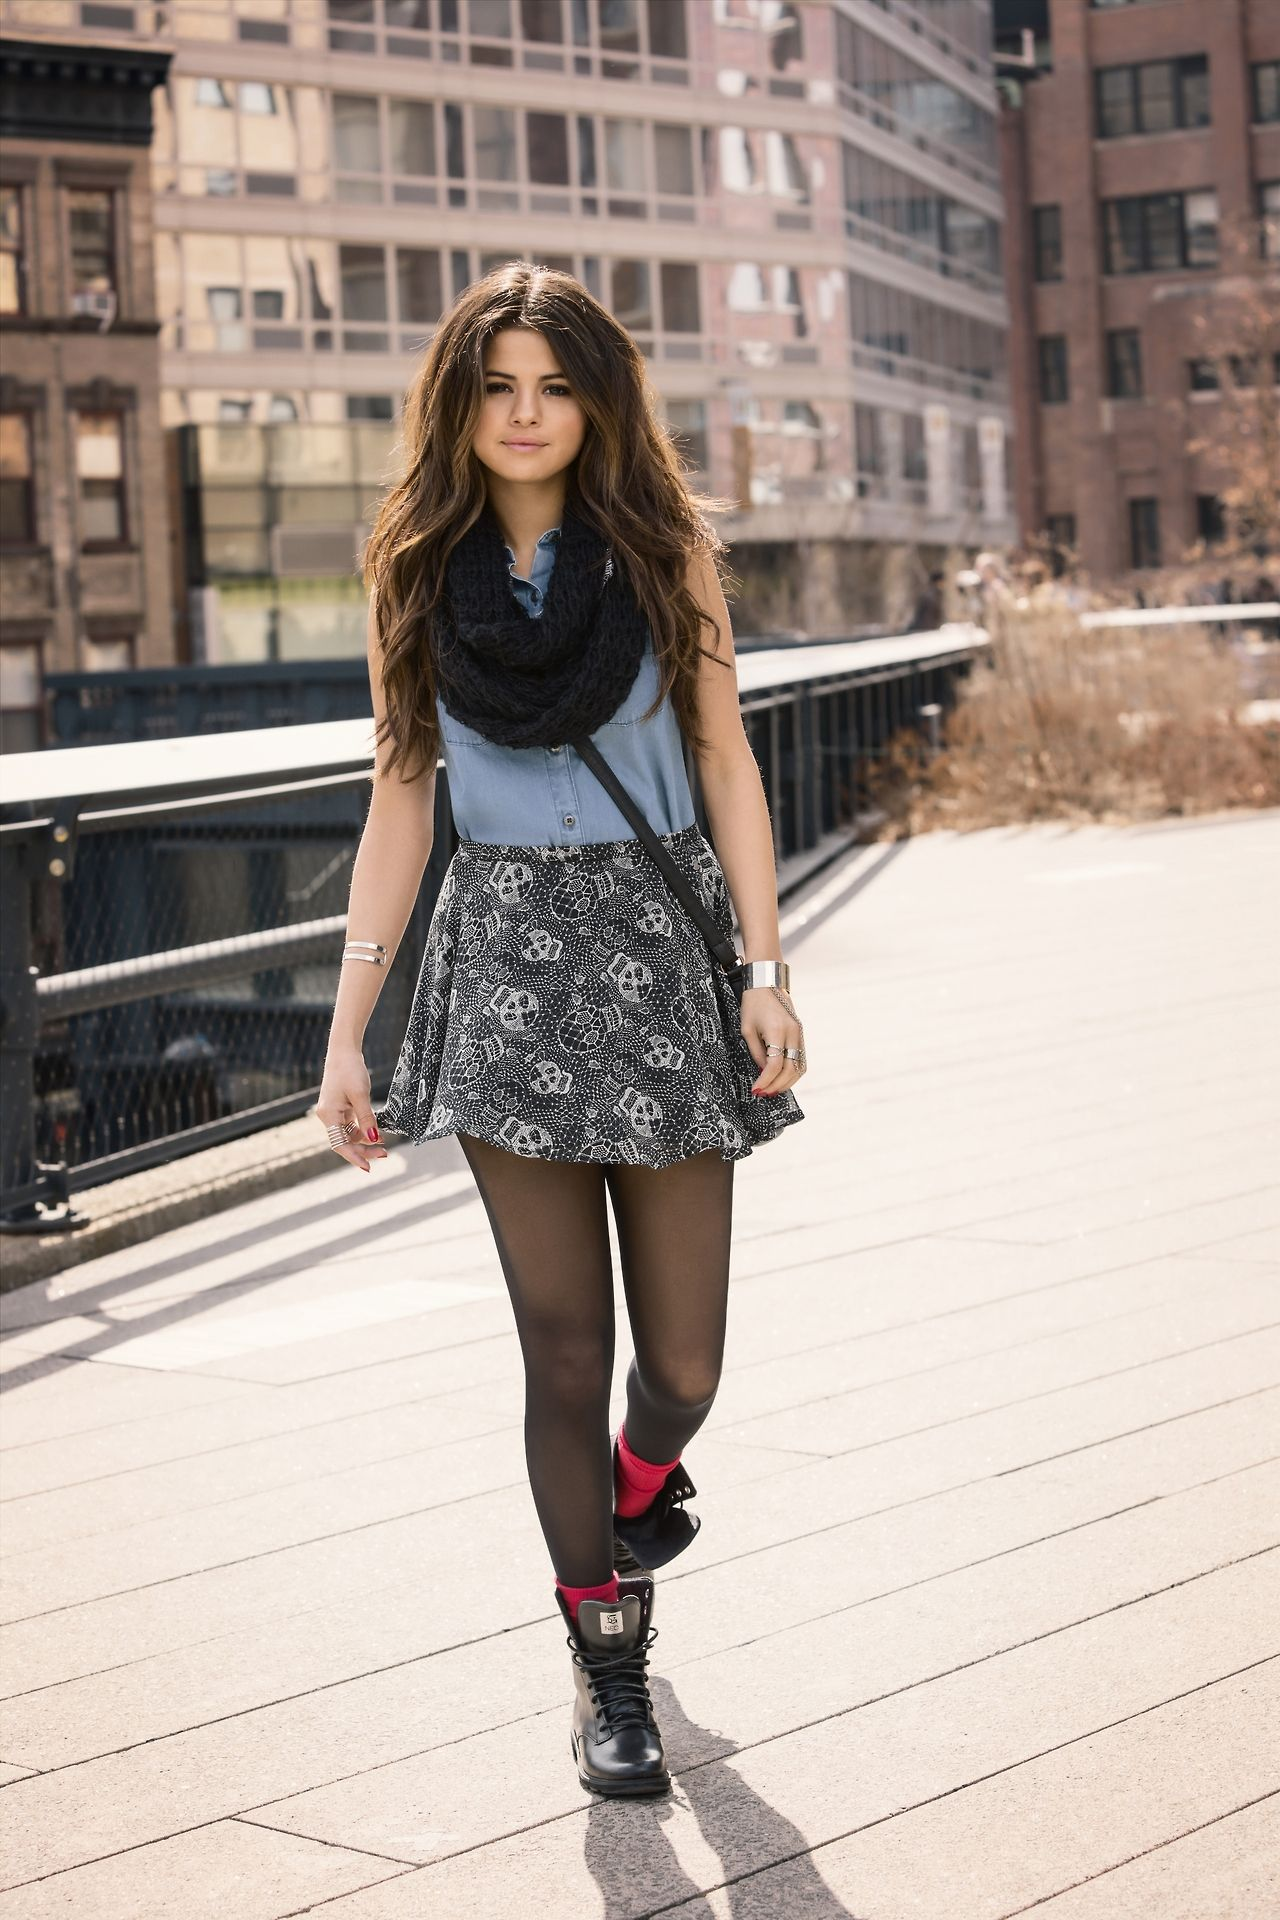 Selena Gomez Photoshoot Tumblr 2014